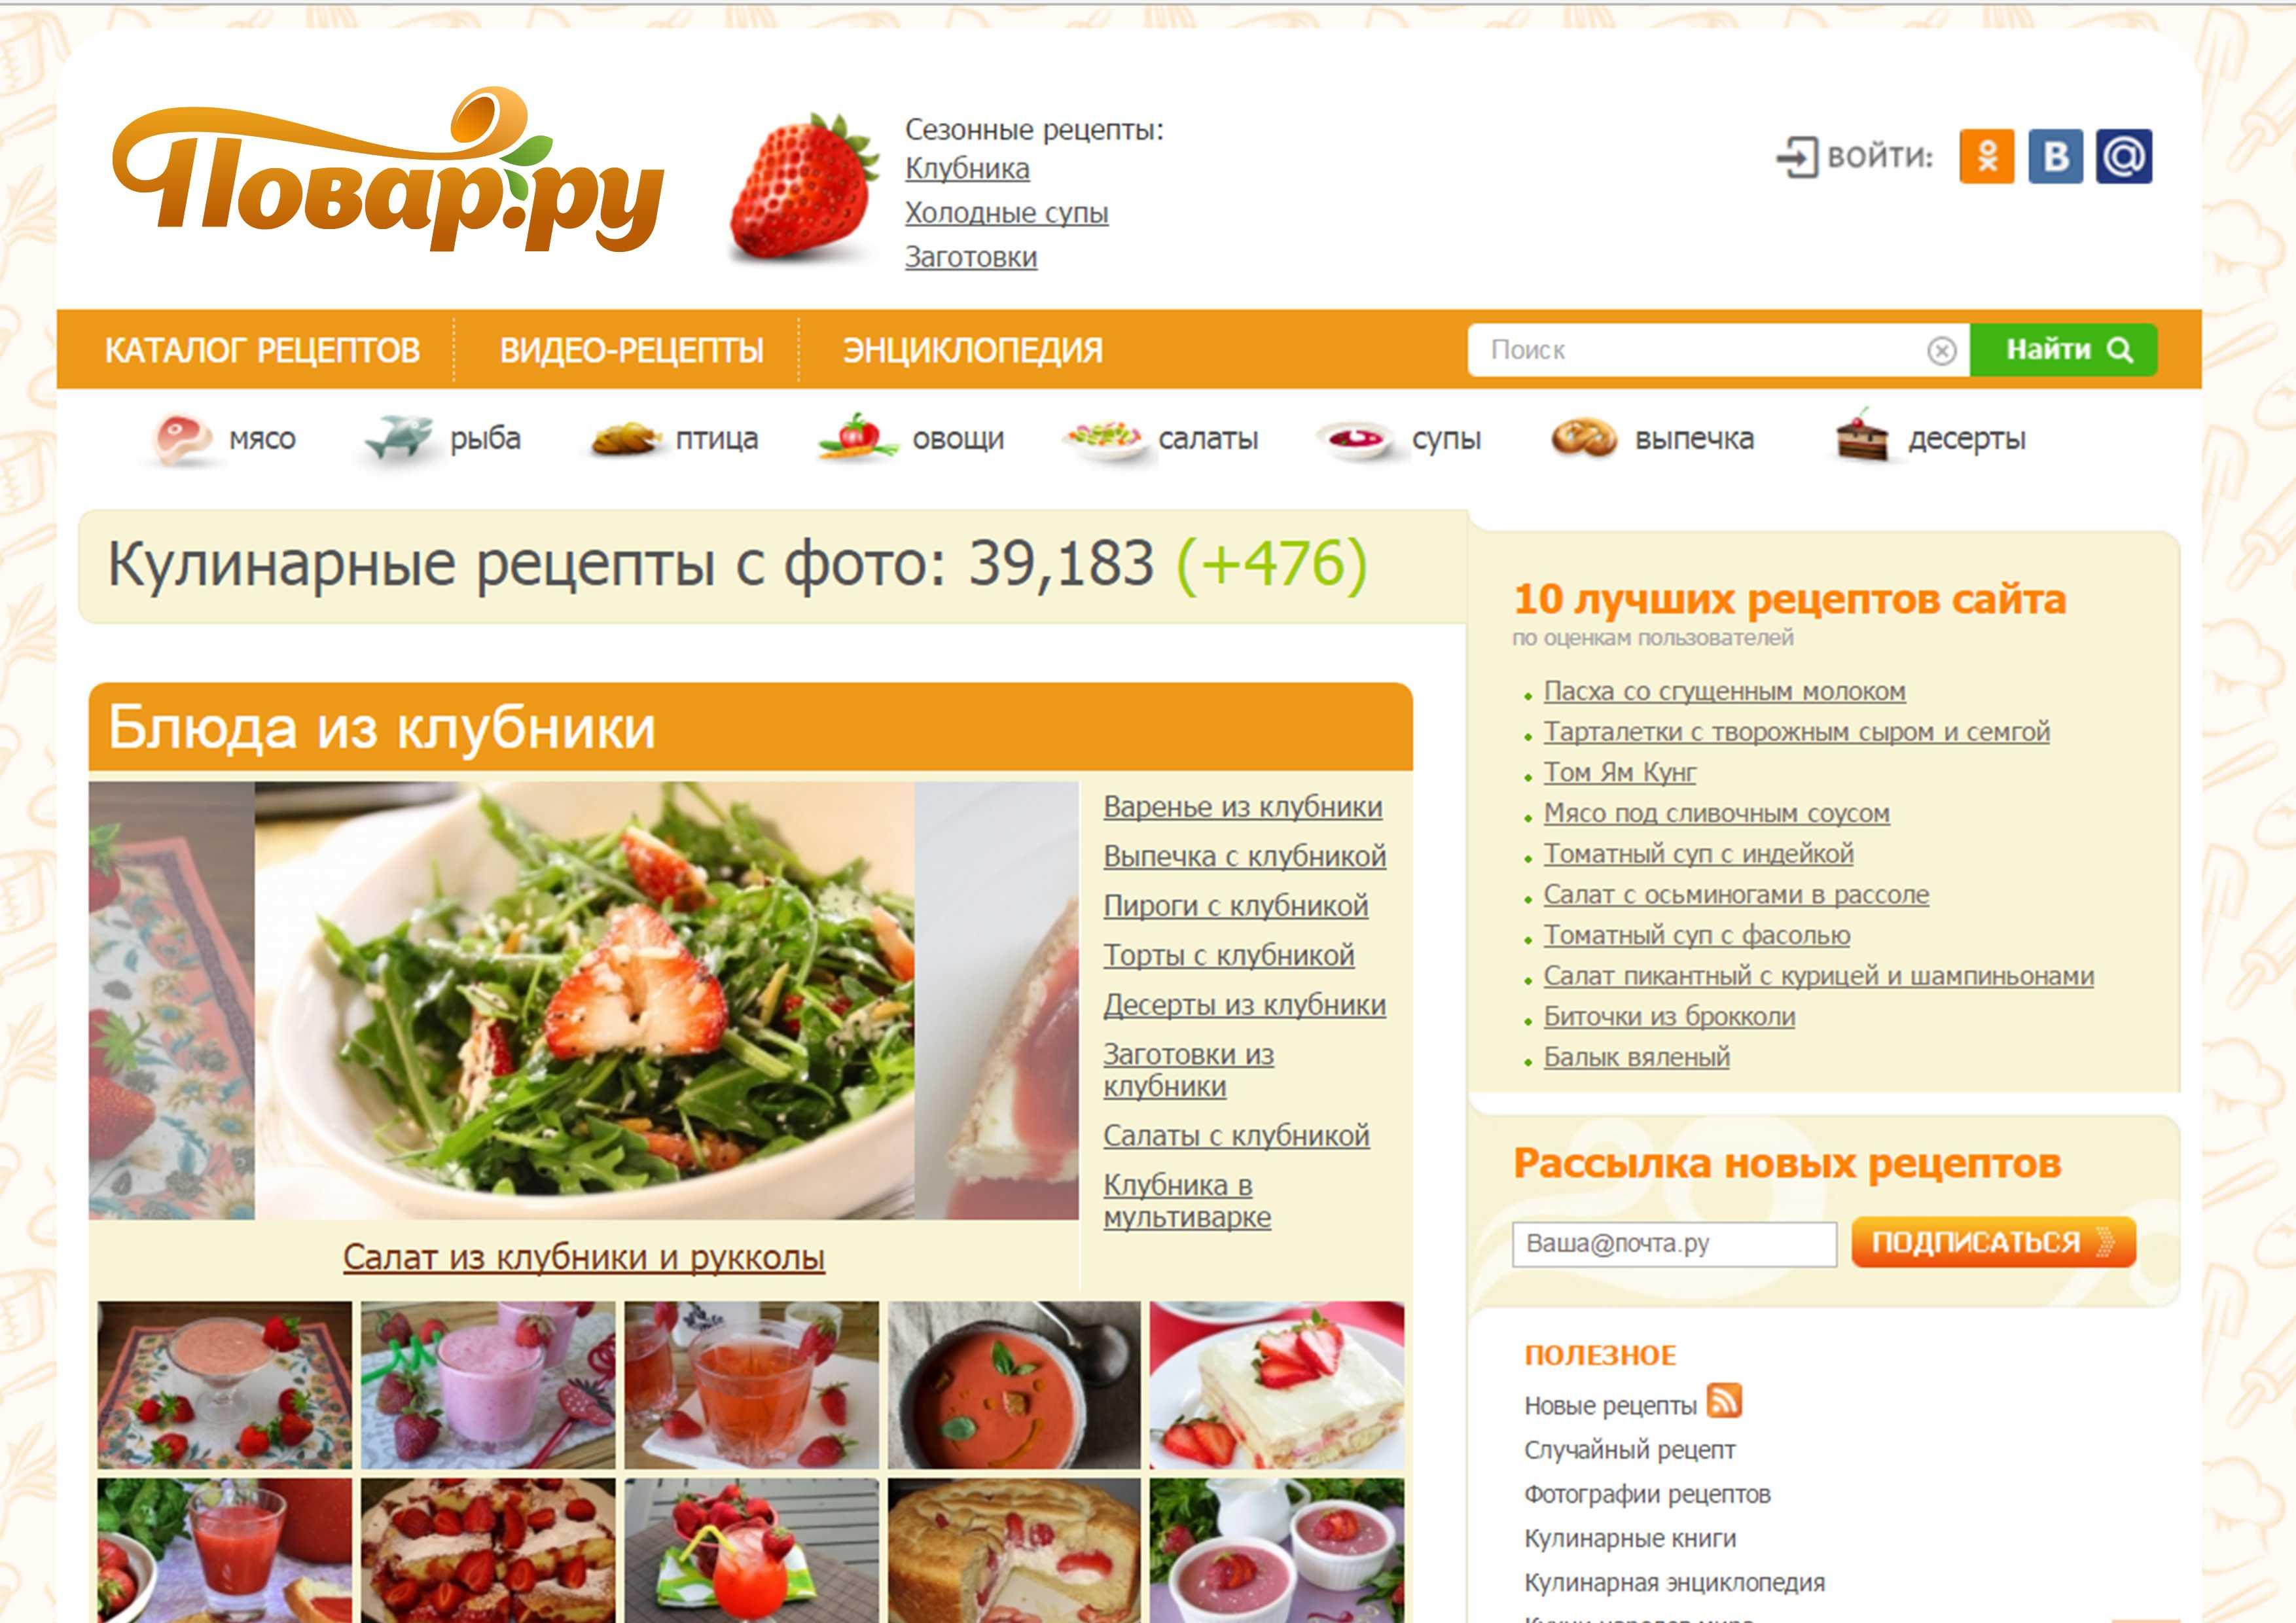 Новогодние салаты - 15 очень вкусных и простых рецептов